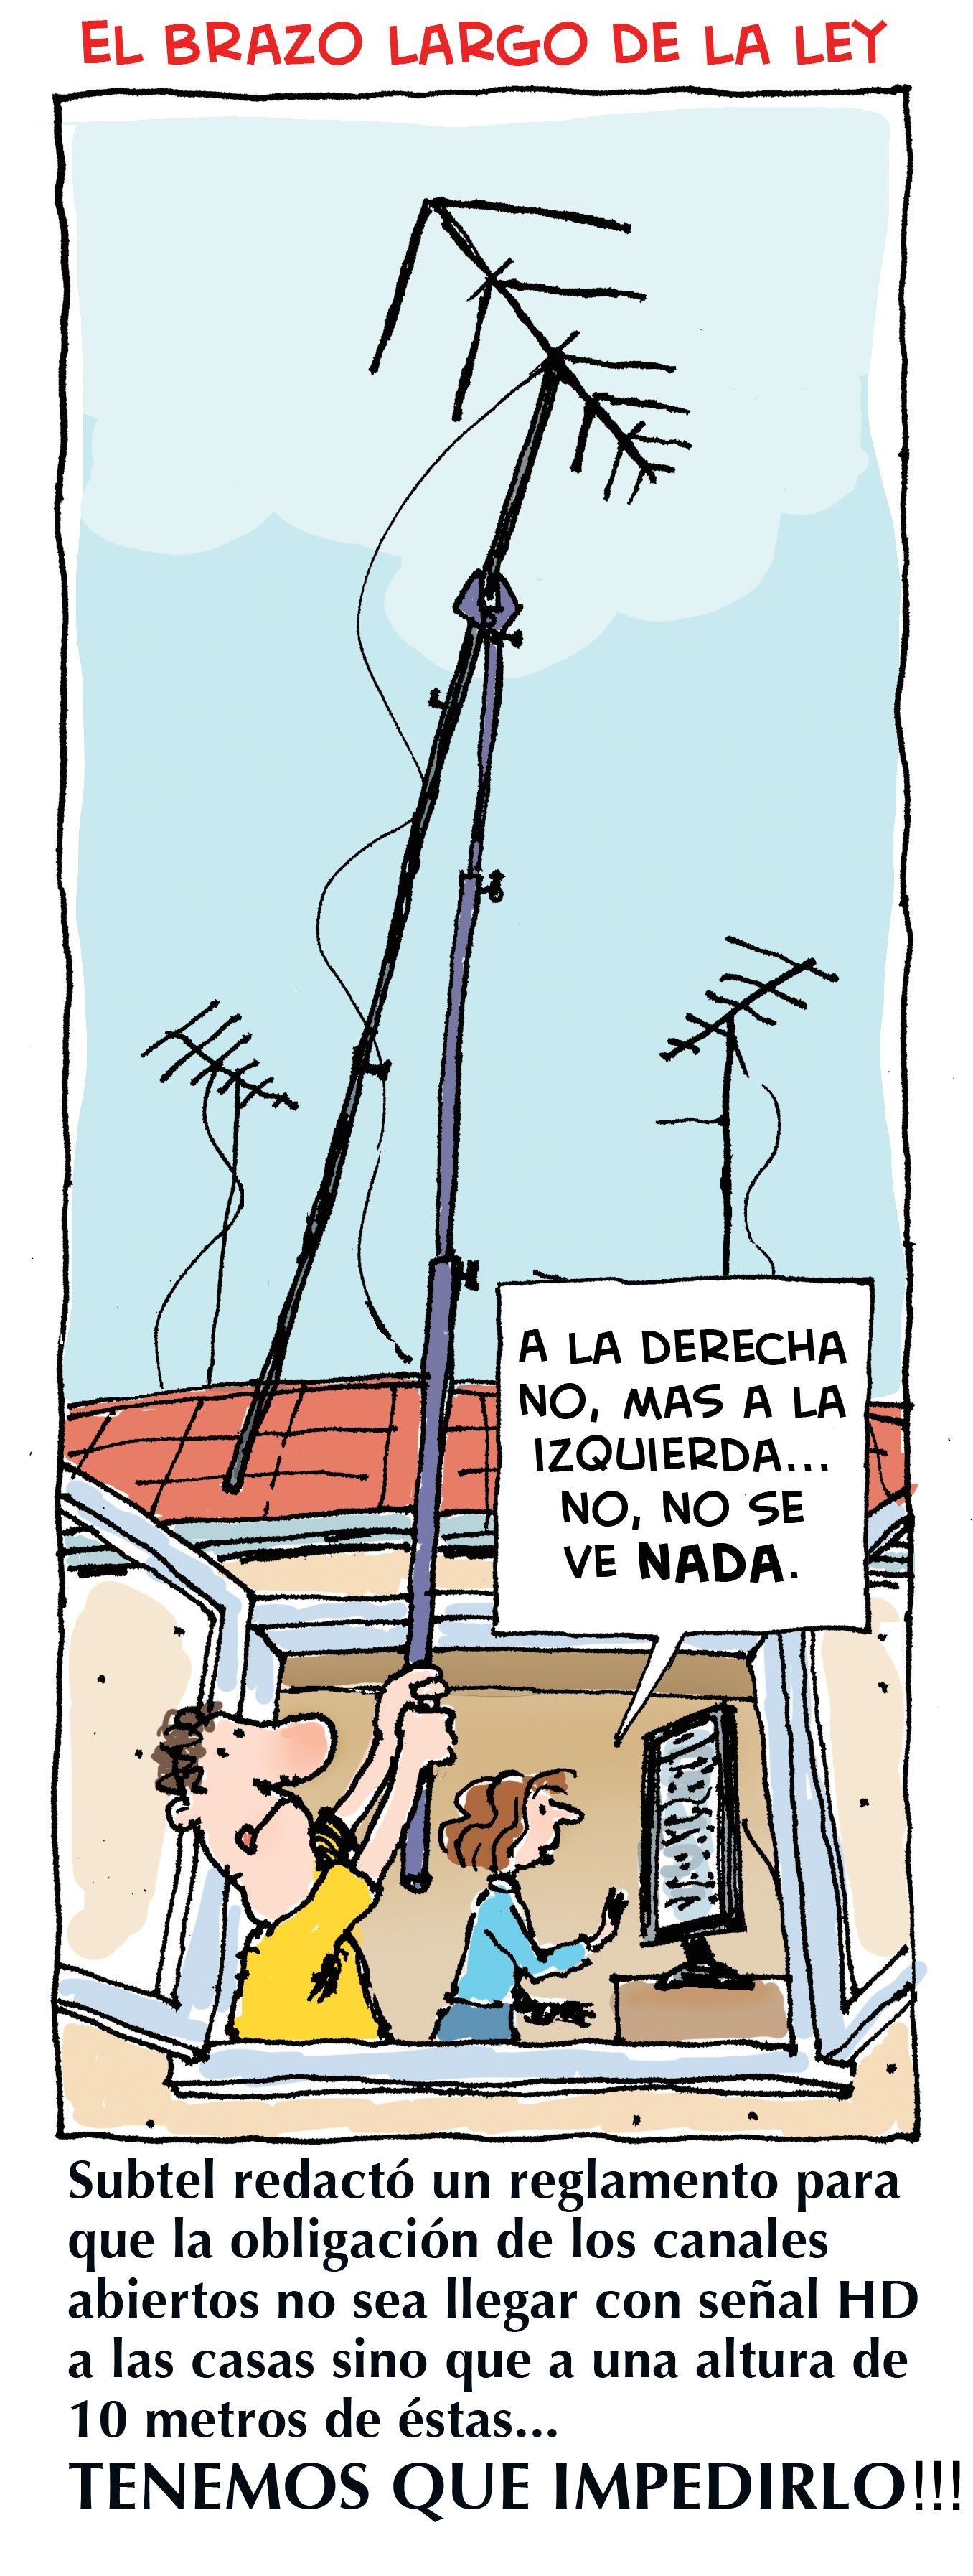 http://www.elmostrador.cl/media/2014/08/117.jpg